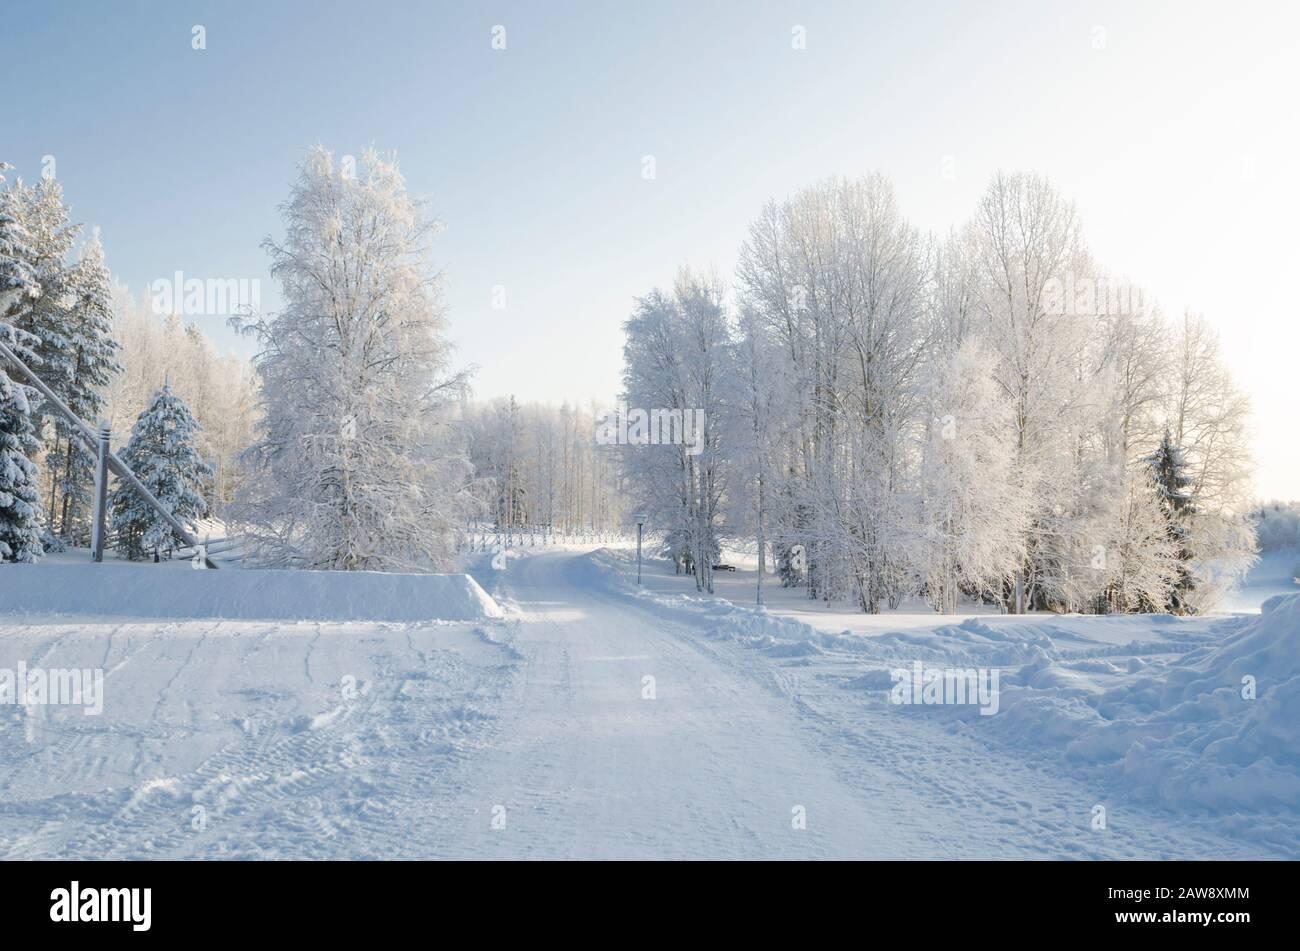 Carretera nevada a través del bosque de invierno. Hermosos árboles en el hoarfrost blanco Foto de stock